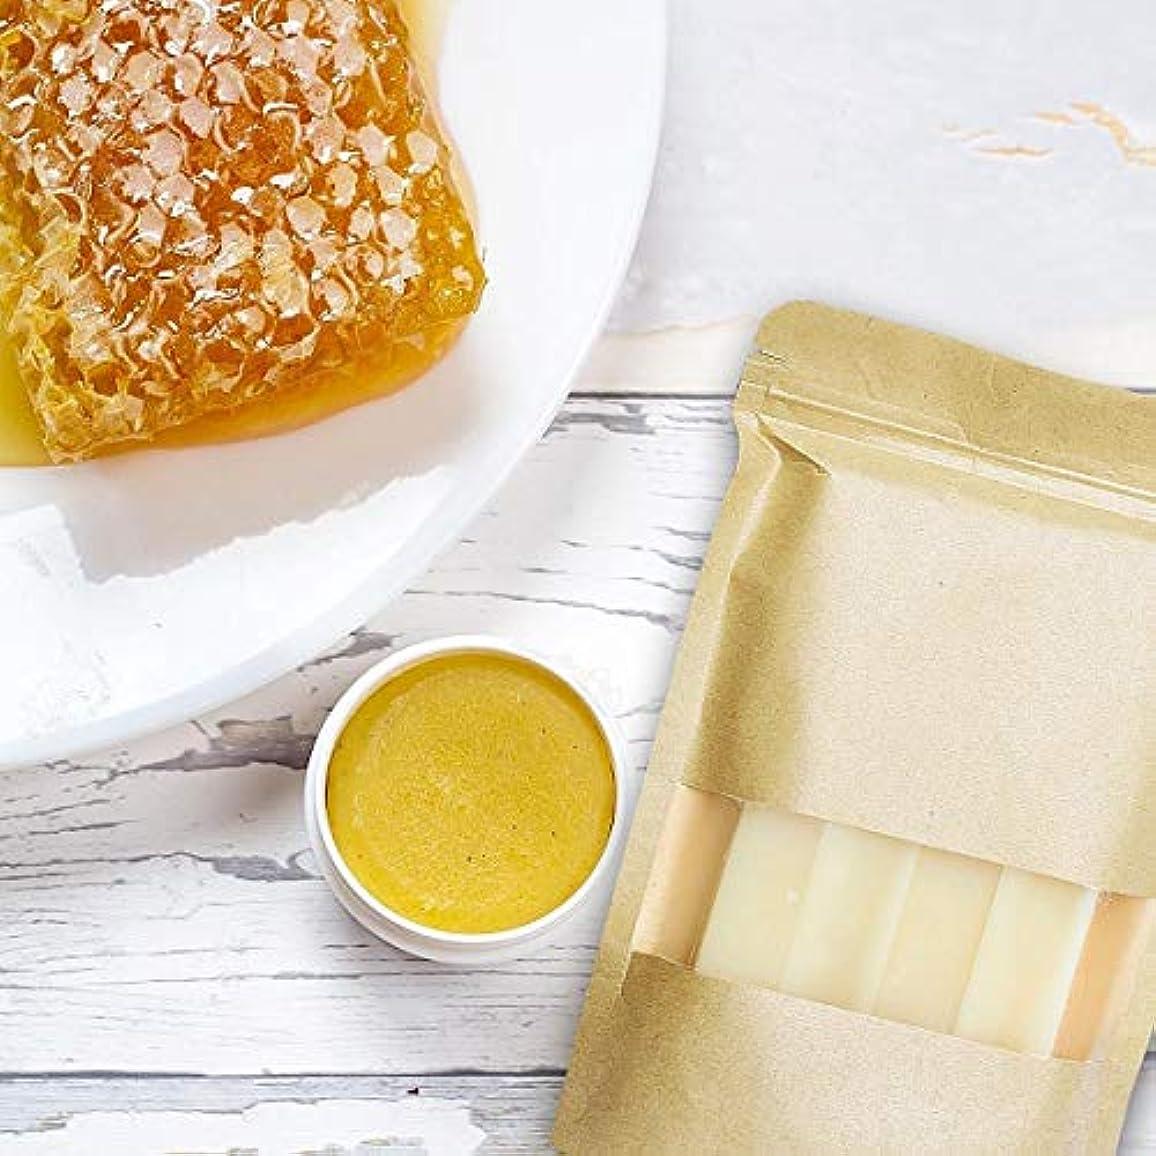 コロニアルケーキポータル処置 自然食品グレードホワイト蜜蝋ワックスブロック